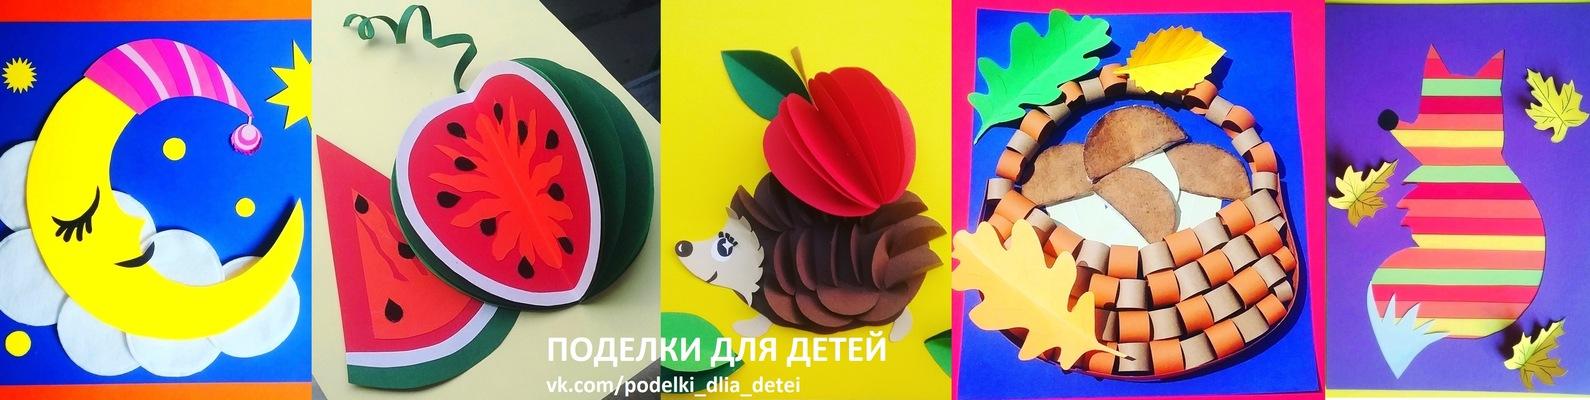 ПОДЕЛКИ ДЛЯ ДЕТЕЙ | ВКонтакте